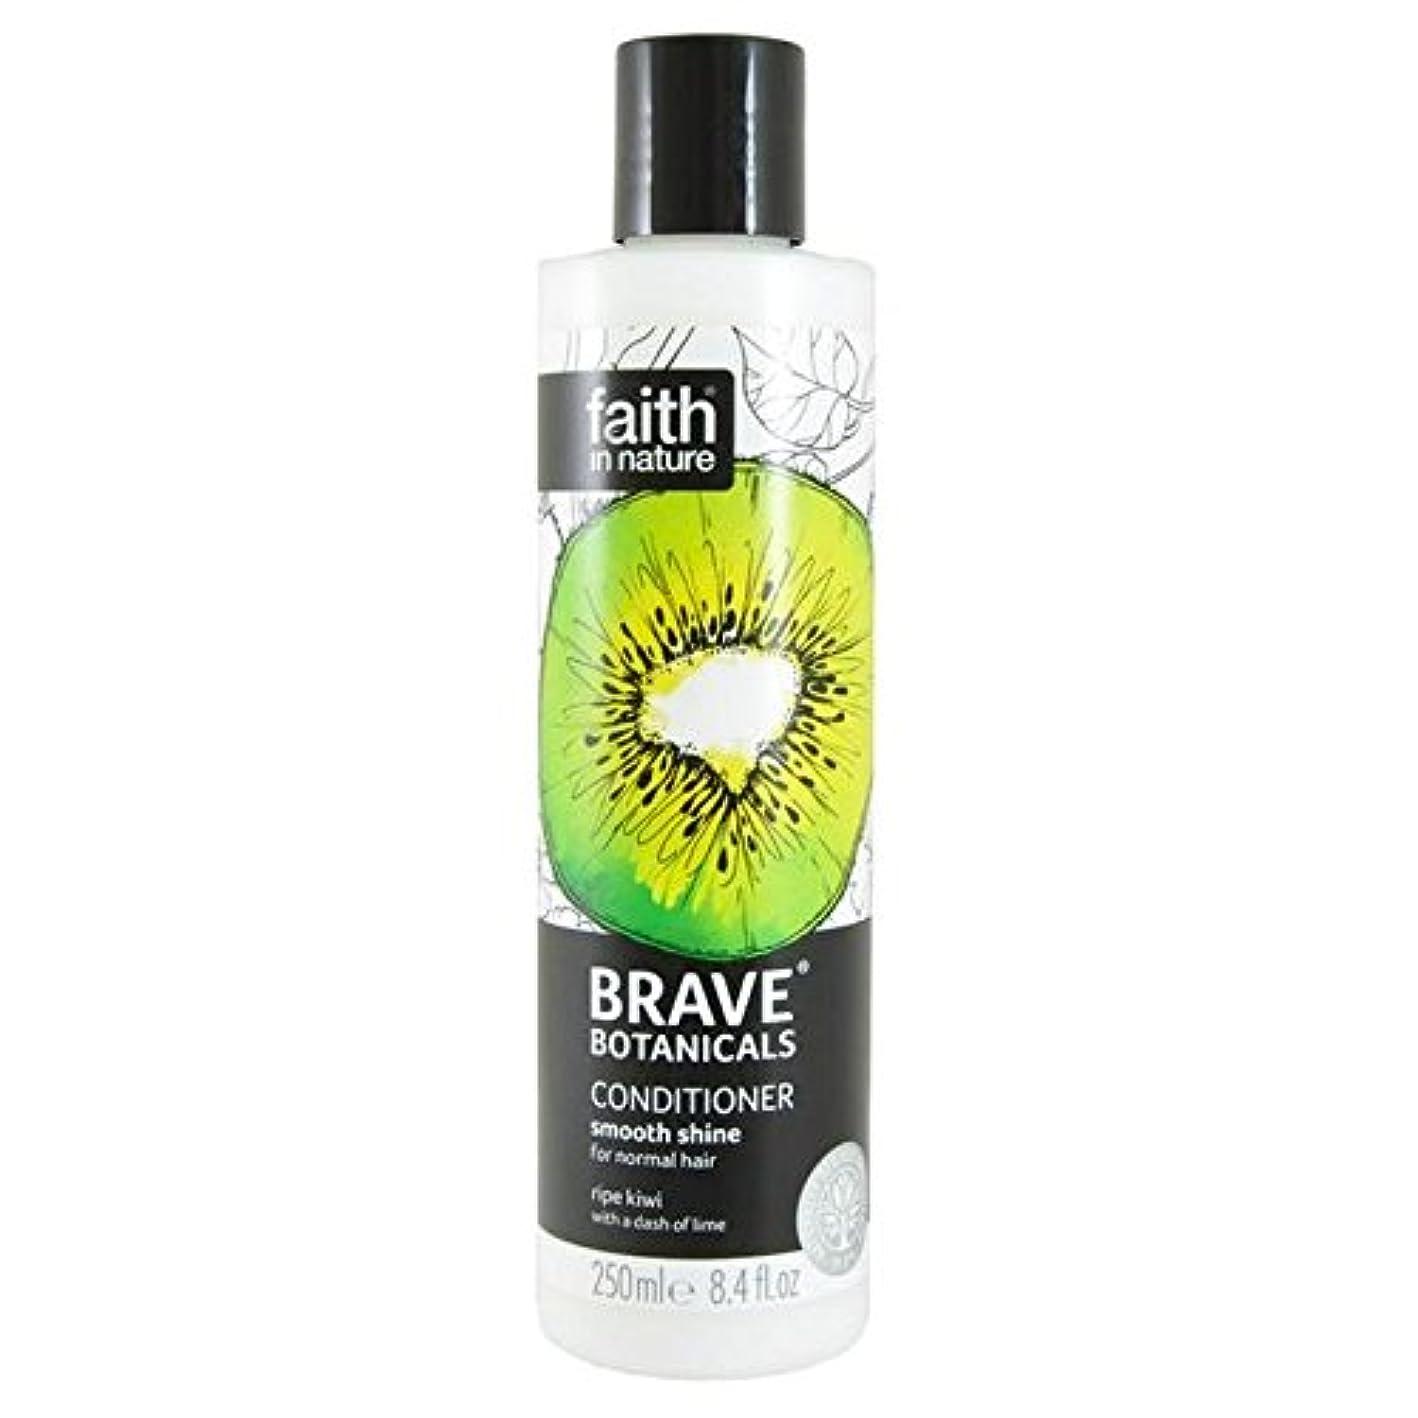 印象ベルトワットBrave Botanicals Kiwi & Lime Smooth Shine Conditioner 250ml - (Faith In Nature) 勇敢な植物キウイ&ライムなめらかな輝きコンディショナー250Ml...